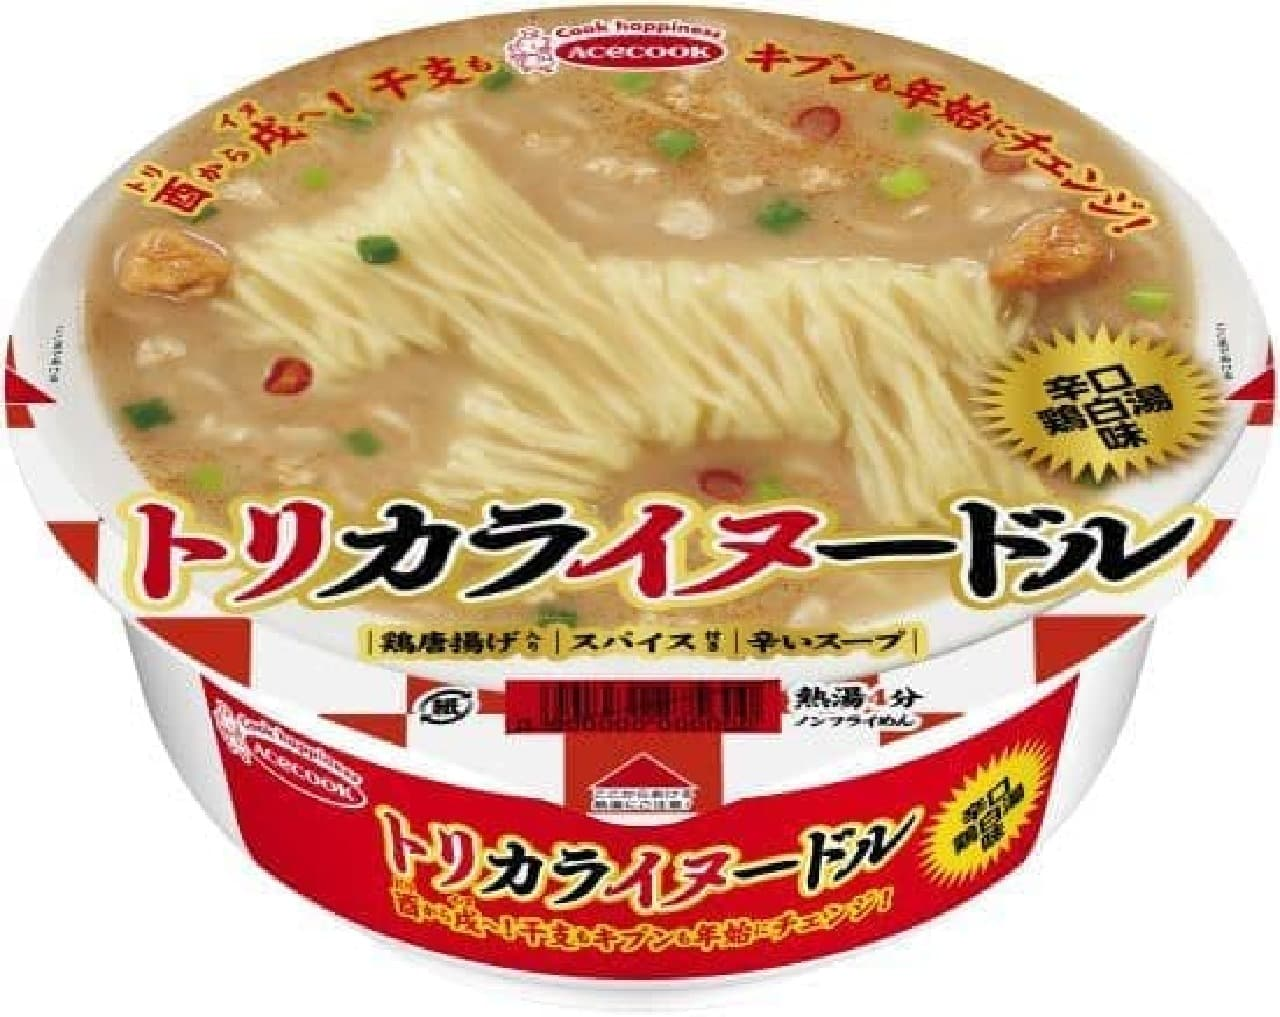 「トリカライヌードル 辛口鶏白湯味」は、 新旧の干支「酉」と「戌」にちなんだカップめん